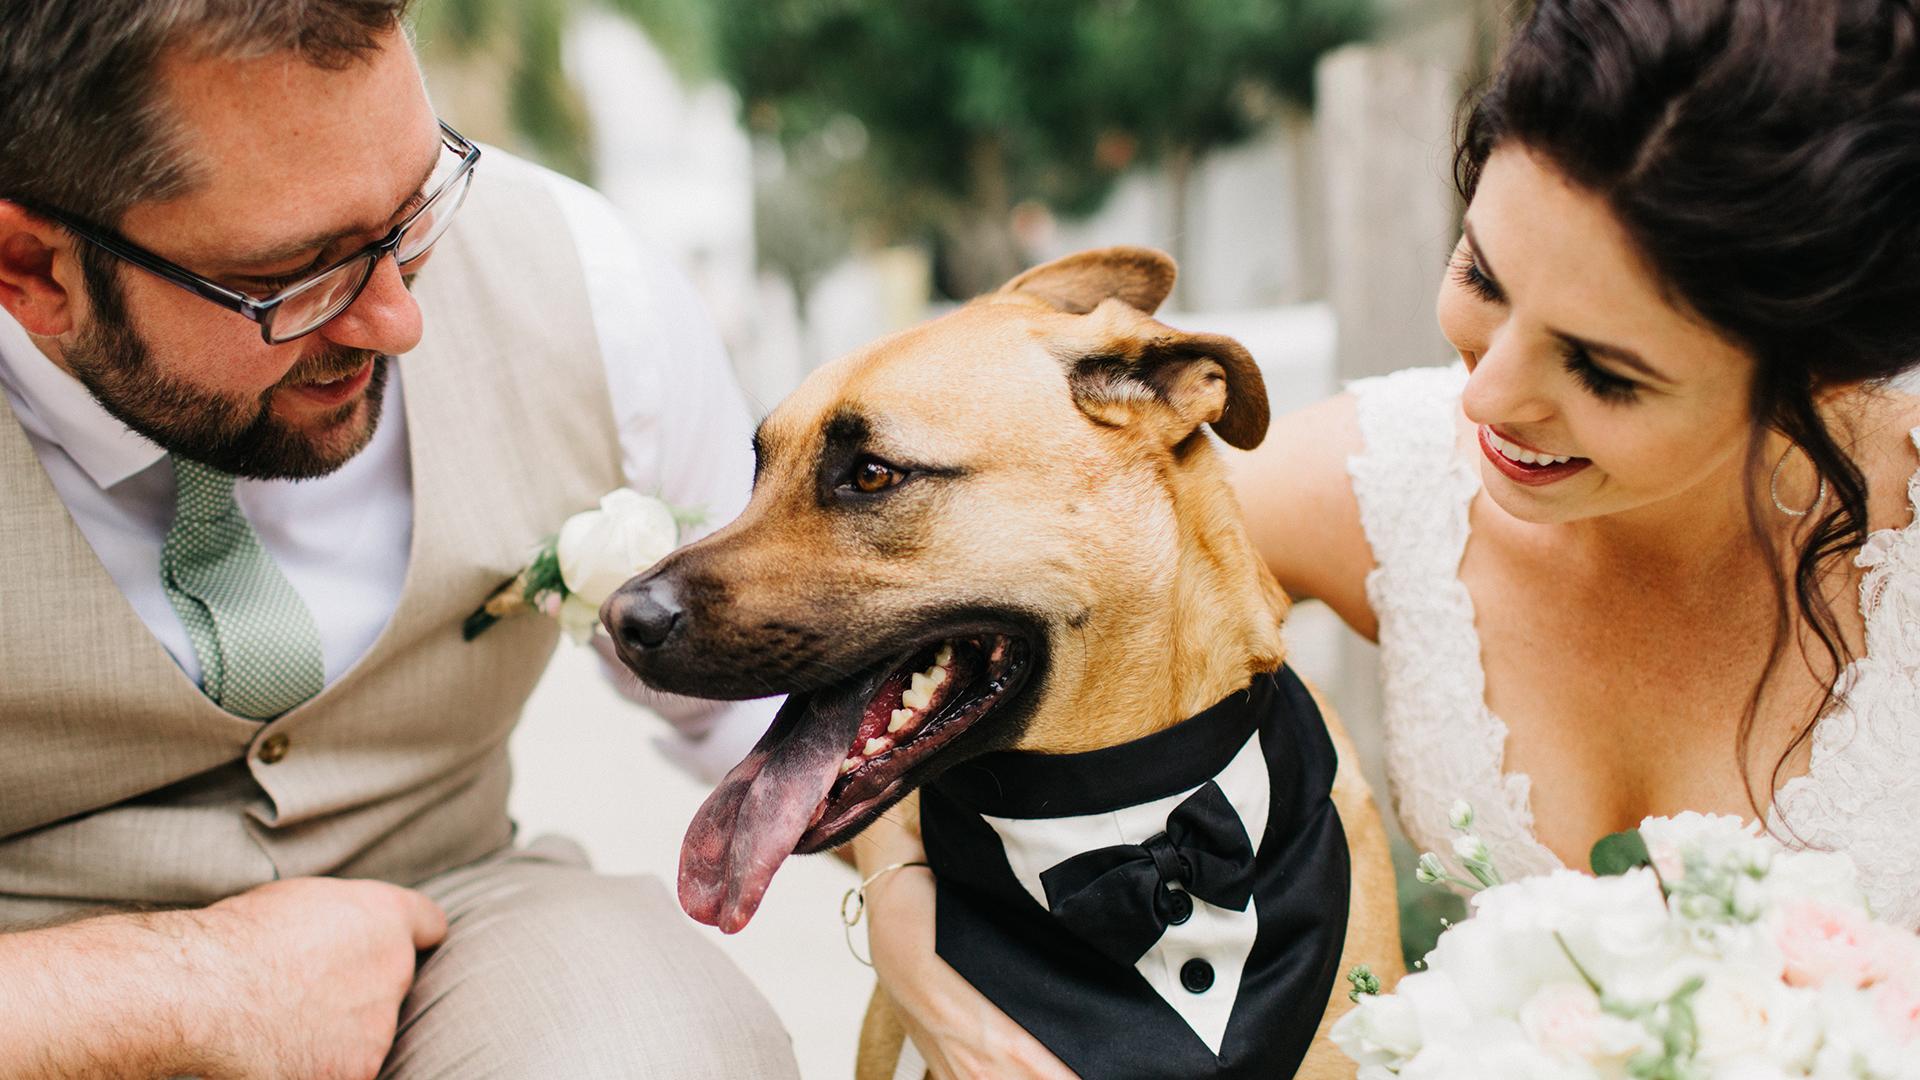 Dog handler for wedding